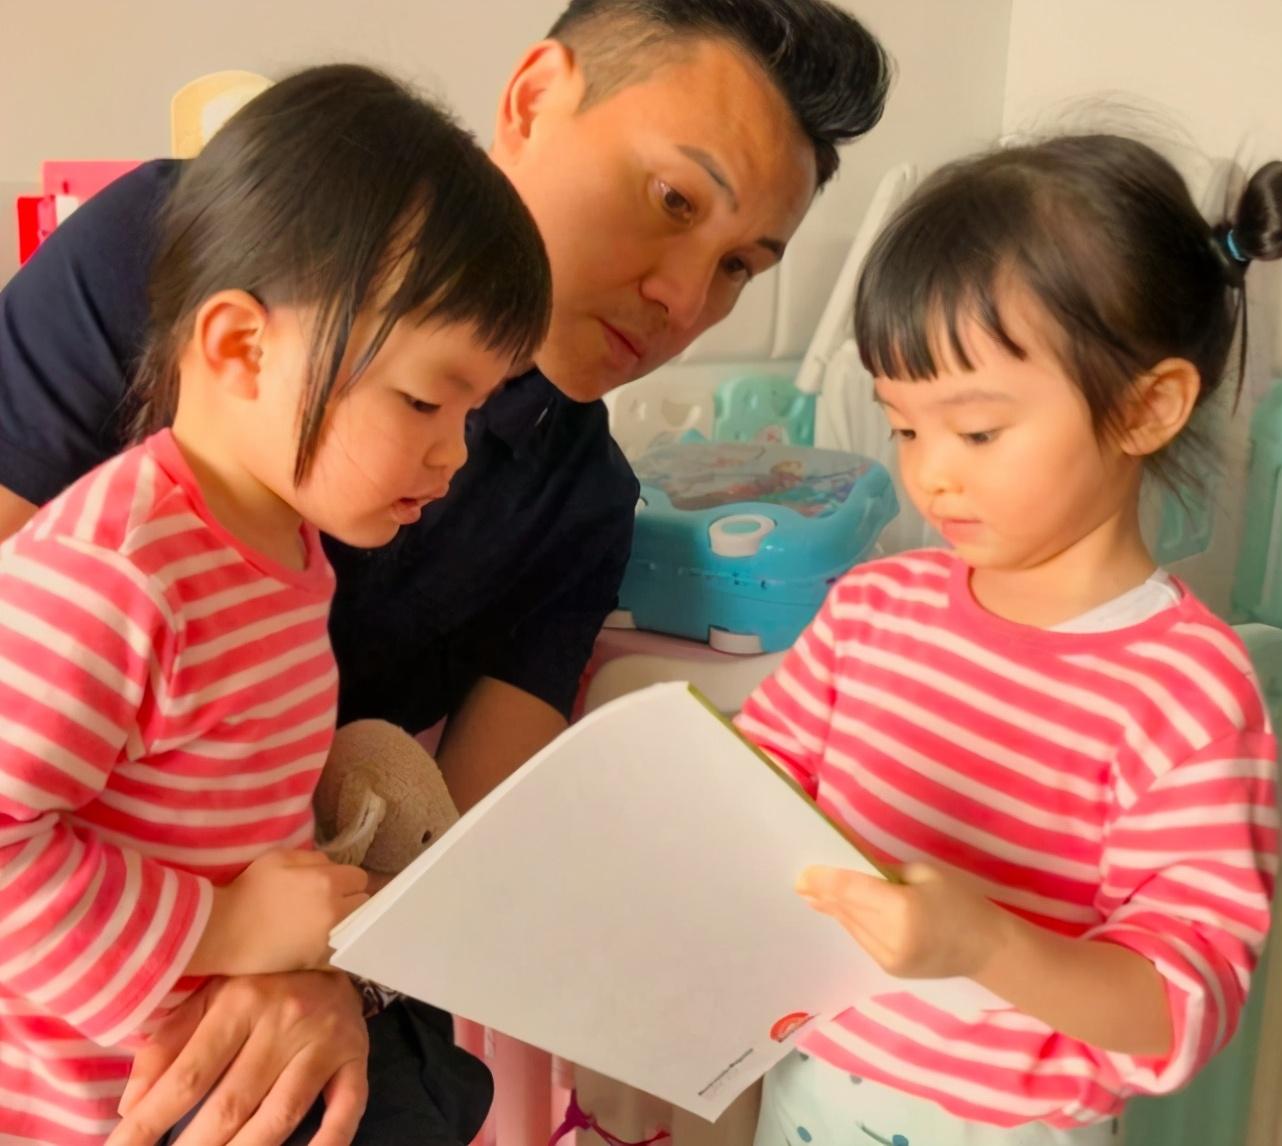 熊黛林小女兒責任感強,逛街幫郭可頌拿包,走路還主動牽姐姐手